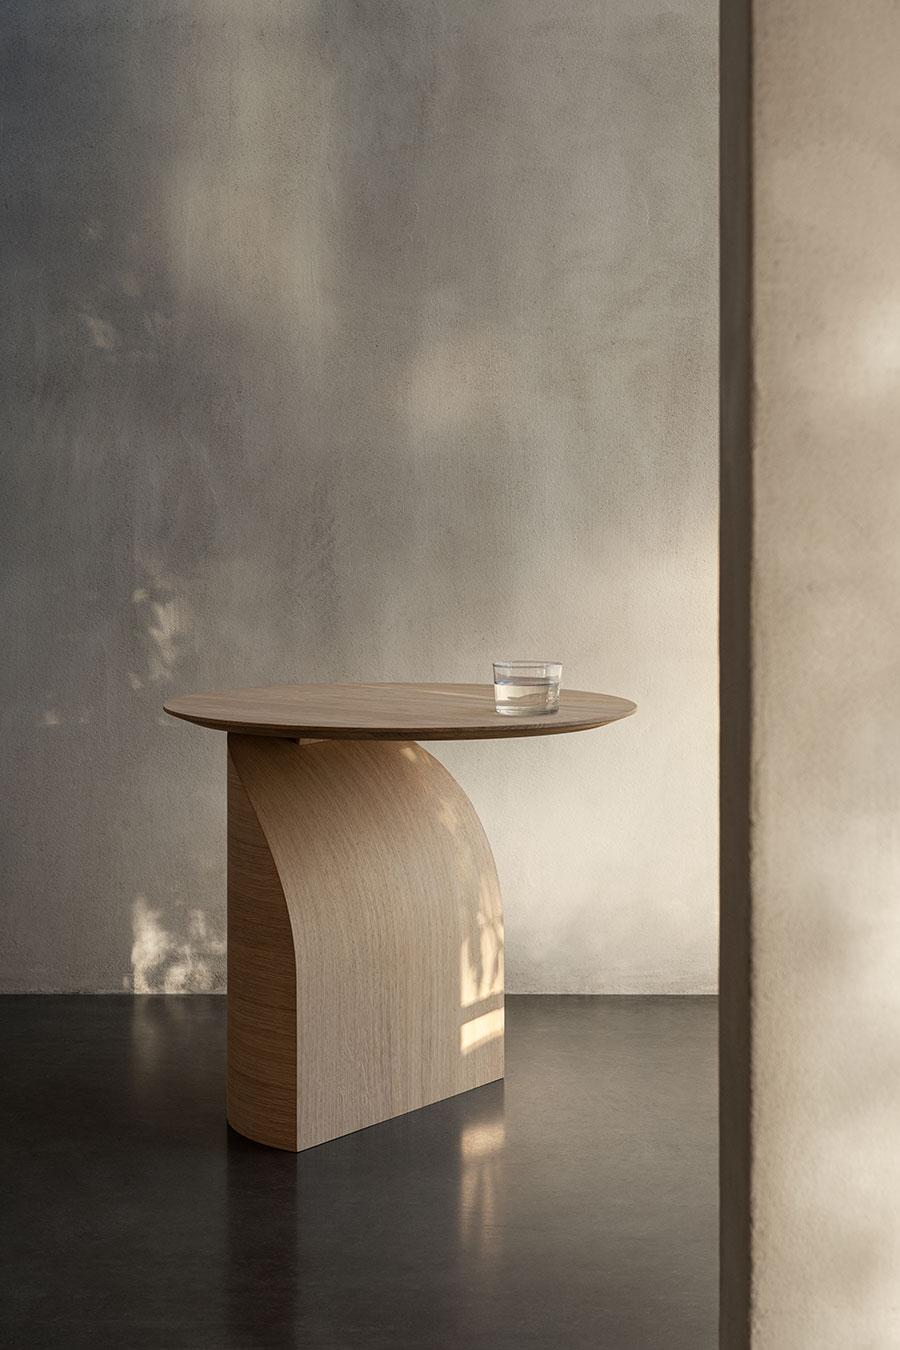 Bordet Savoa av Sakari Hartikainen kombinerar enkelhet och känsla av lätthet med avancerad teknik.